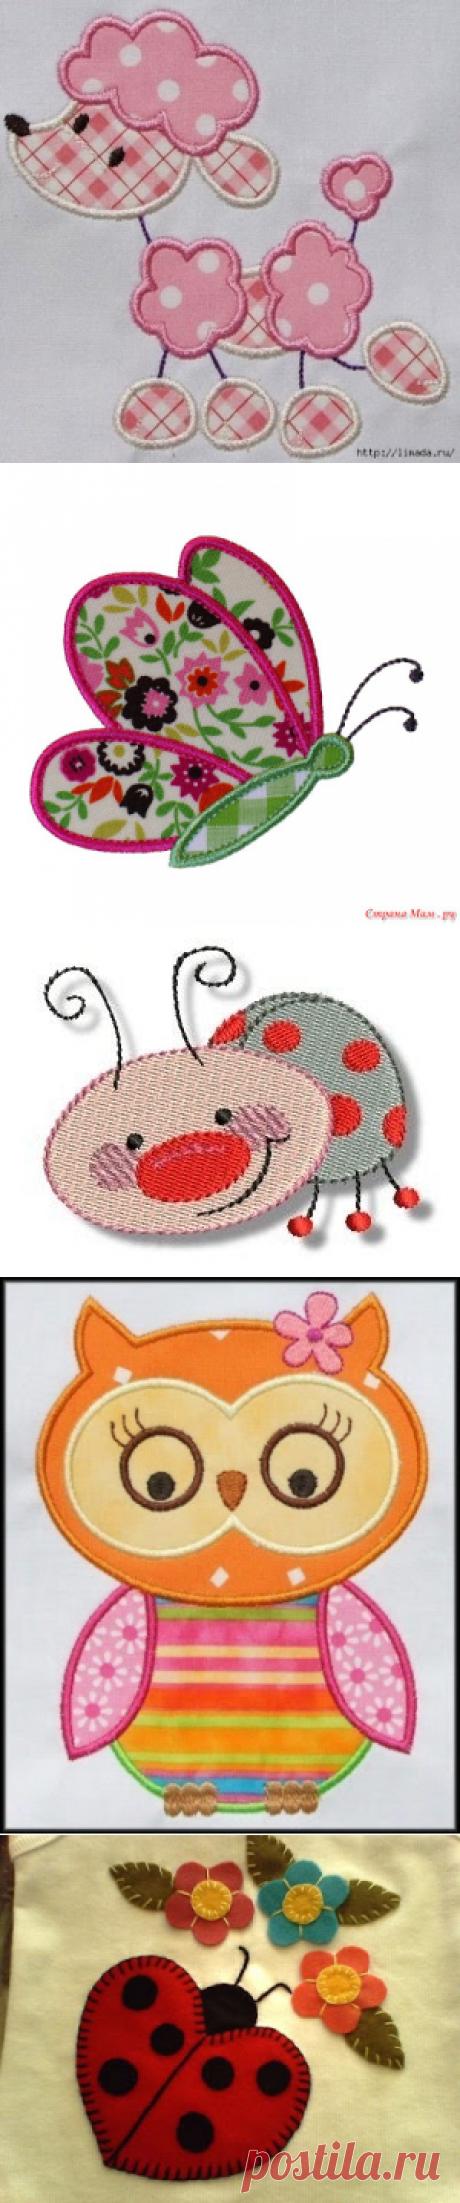 Шаблоны для рукодельниц. (пошив игрушек, лепка, вышивка, аппликации, вязание)